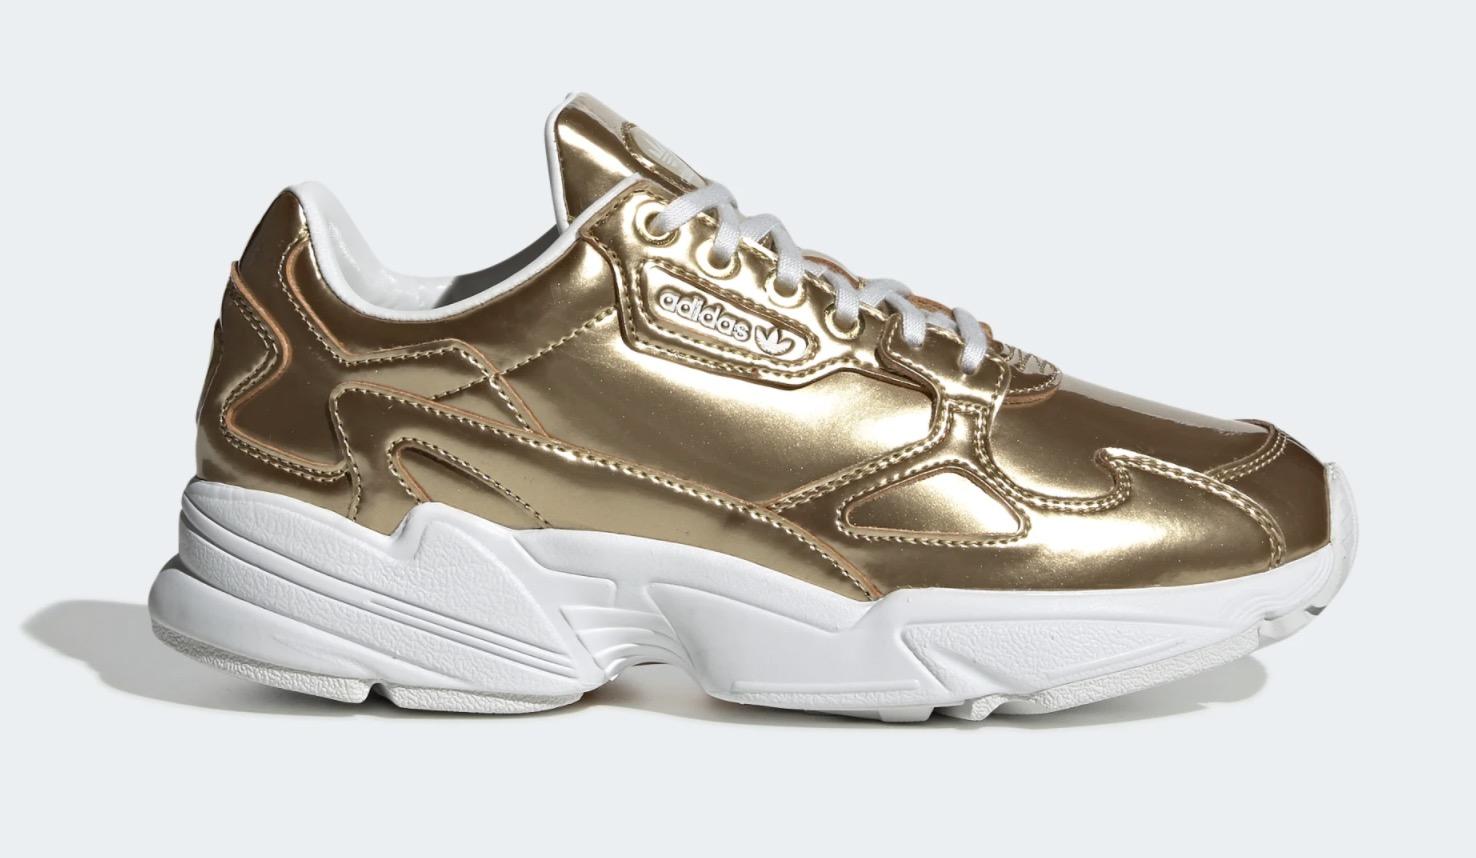 adidas Falcon Gold Metallic